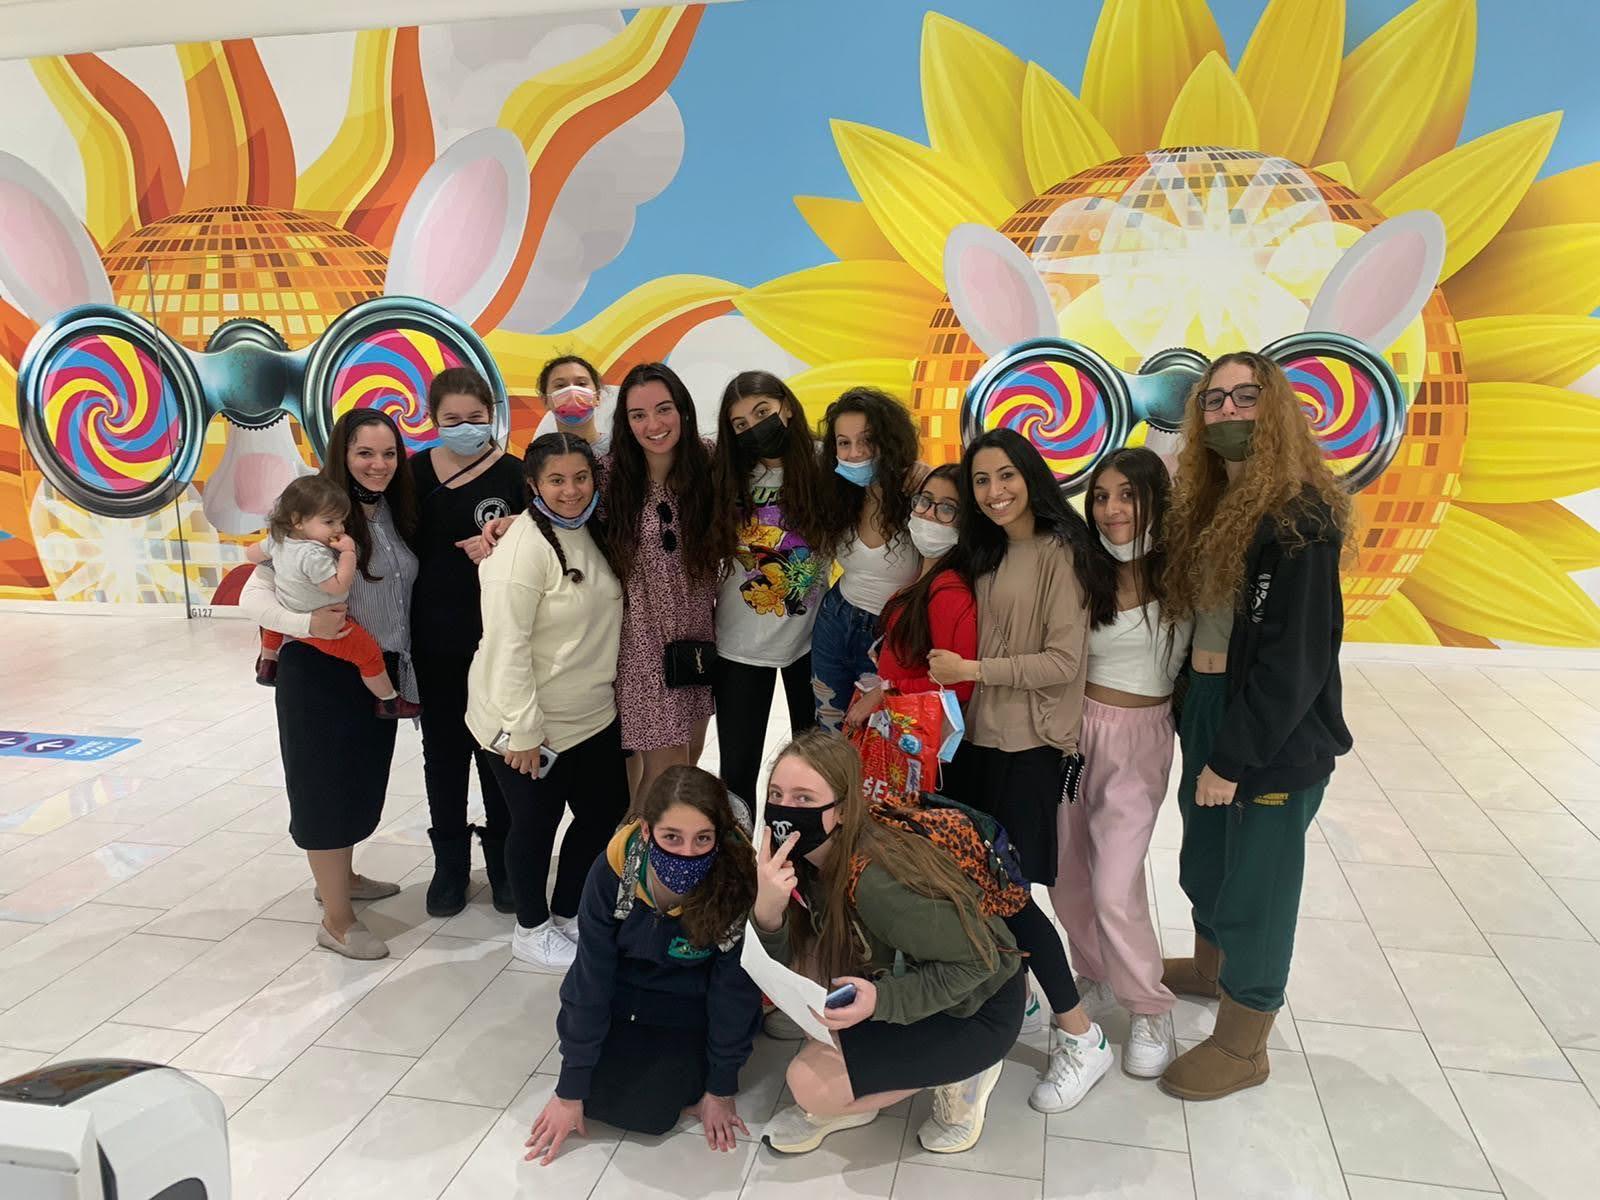 Batya Girls group photo